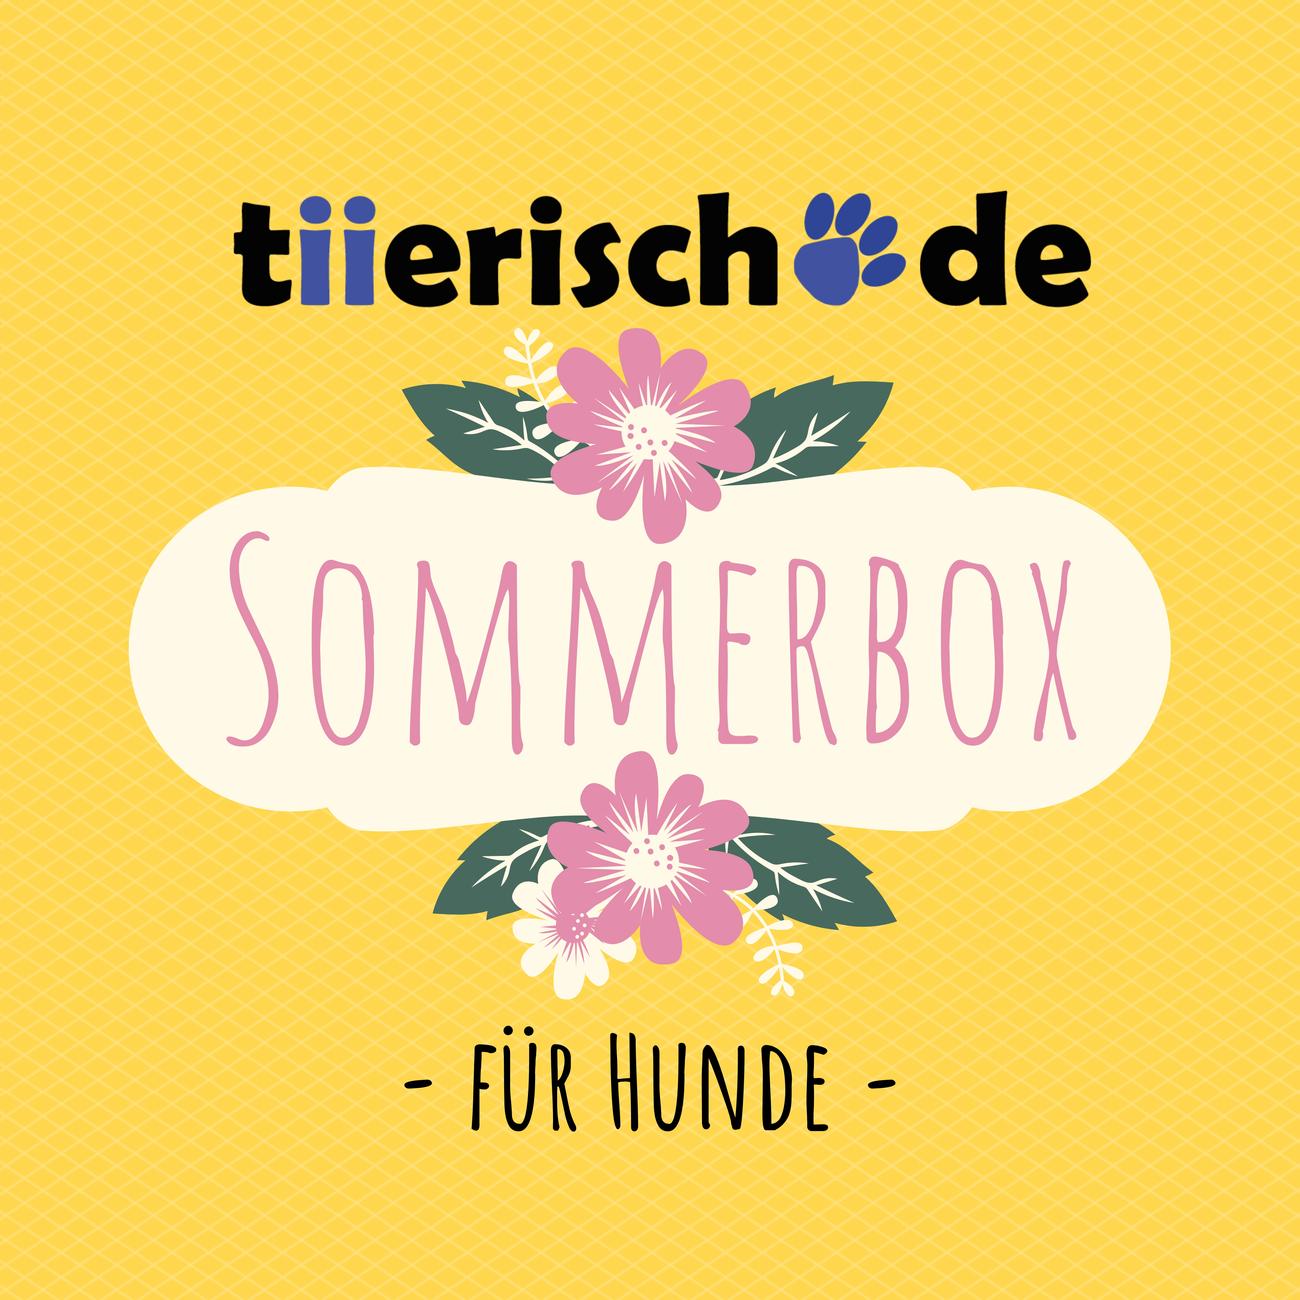 tiierisch.de Die Sommerbox für Hunde